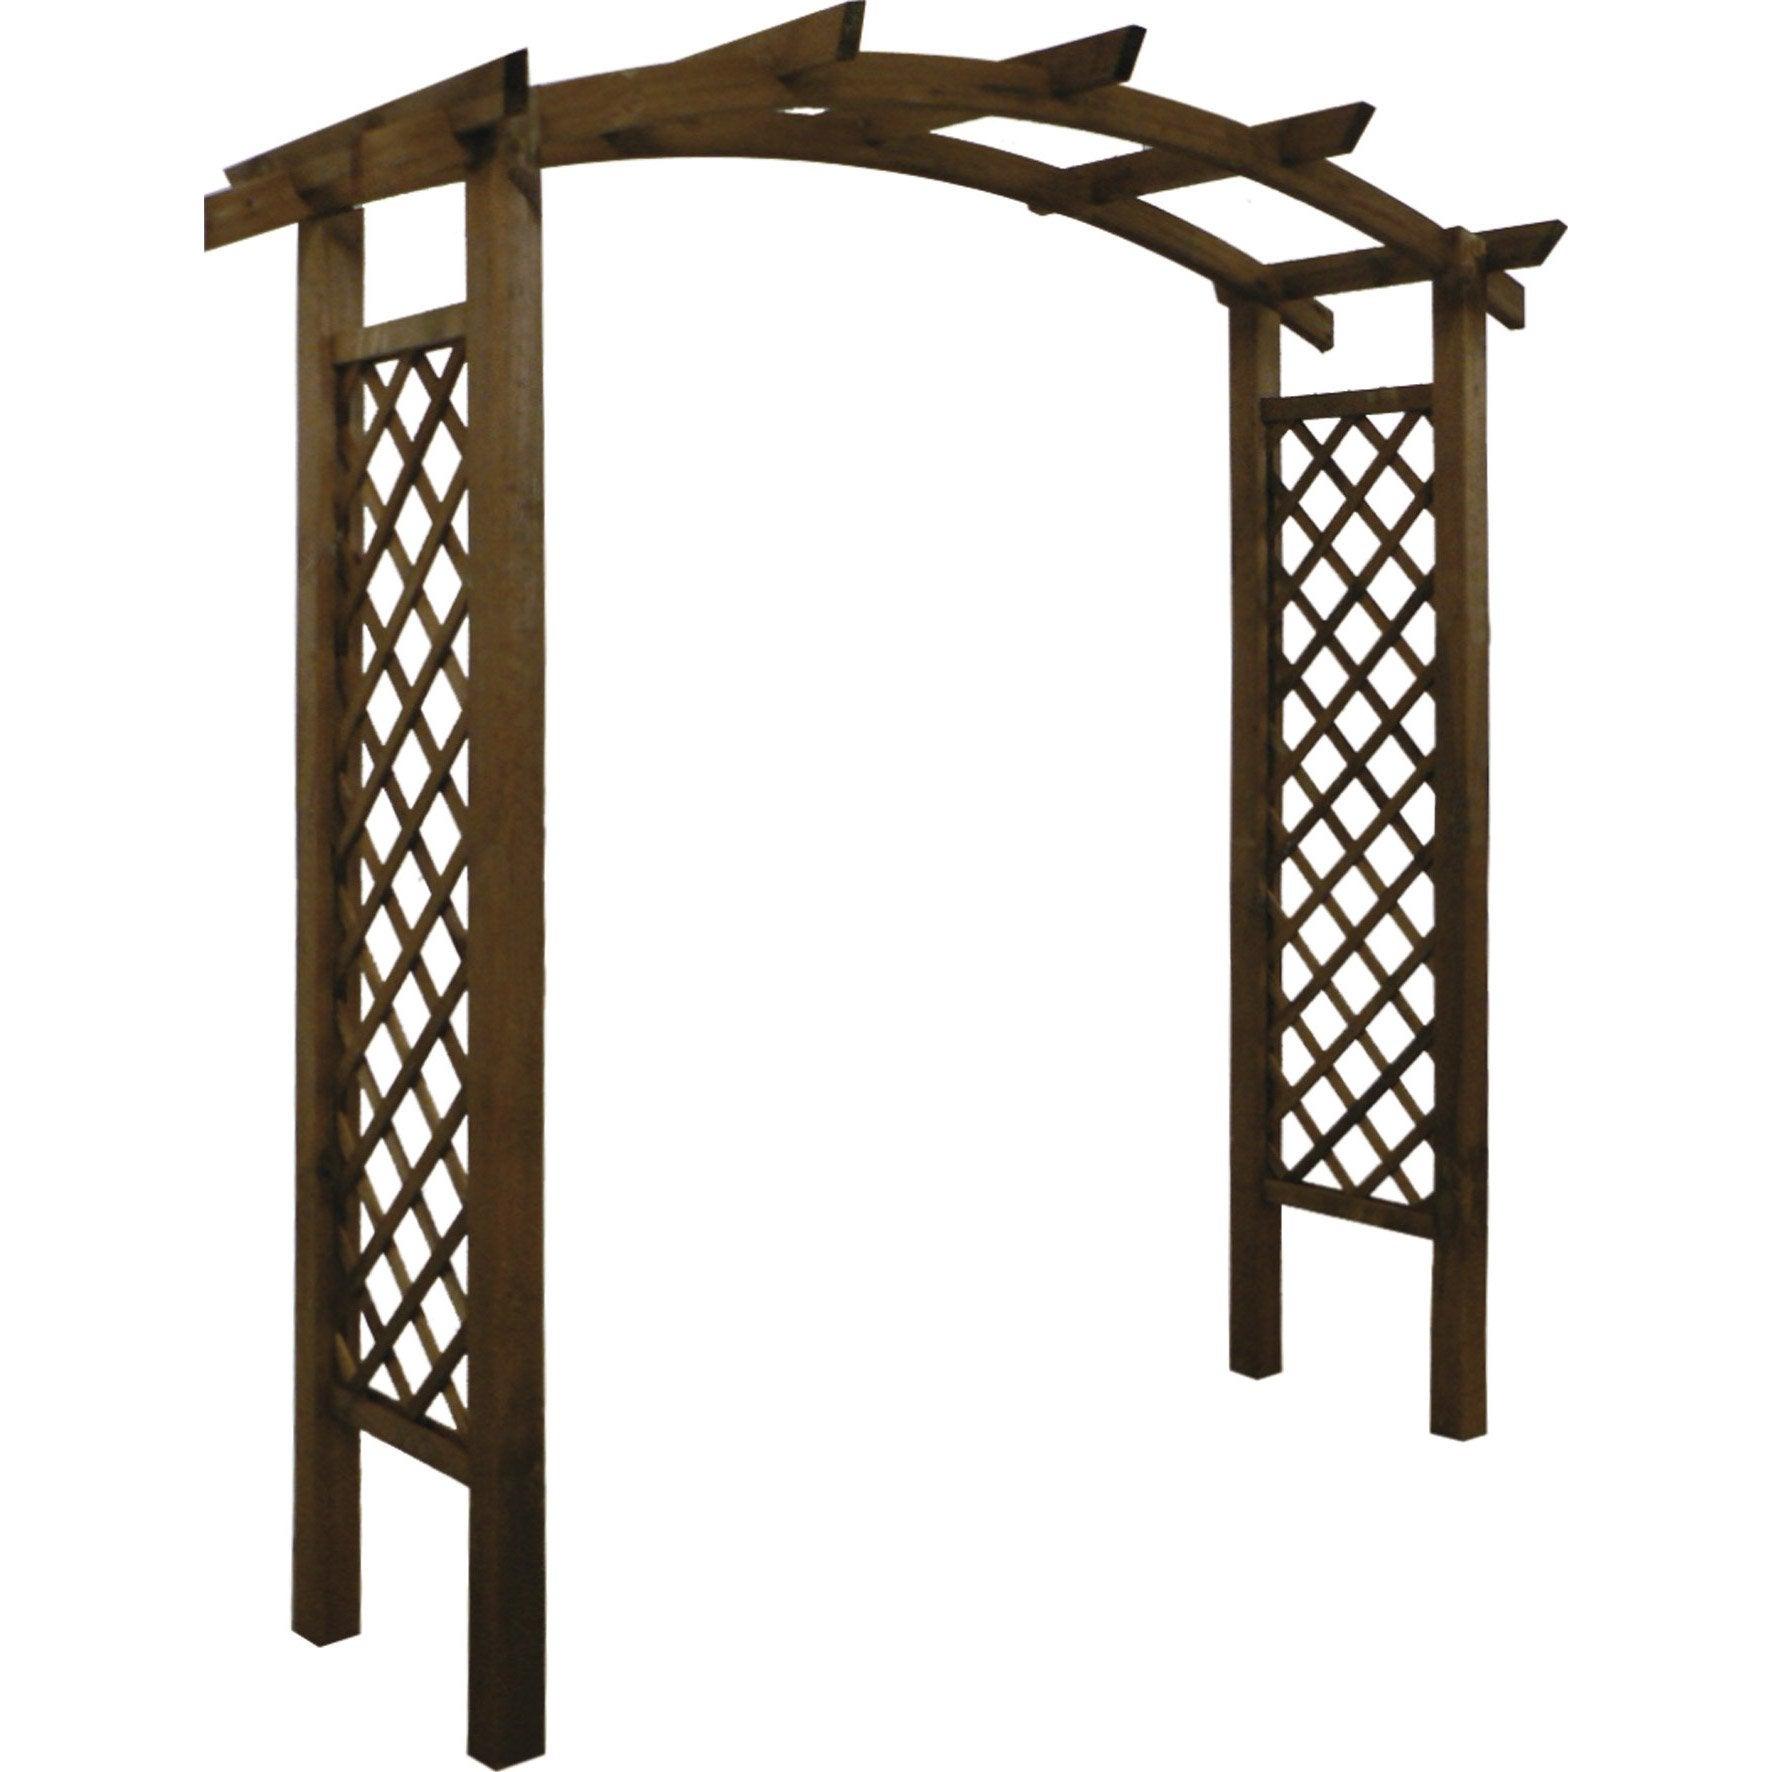 Jardin Tonnelles Arche En Treillis En Bois Pour Jardin ... pour Arceau De Jardin